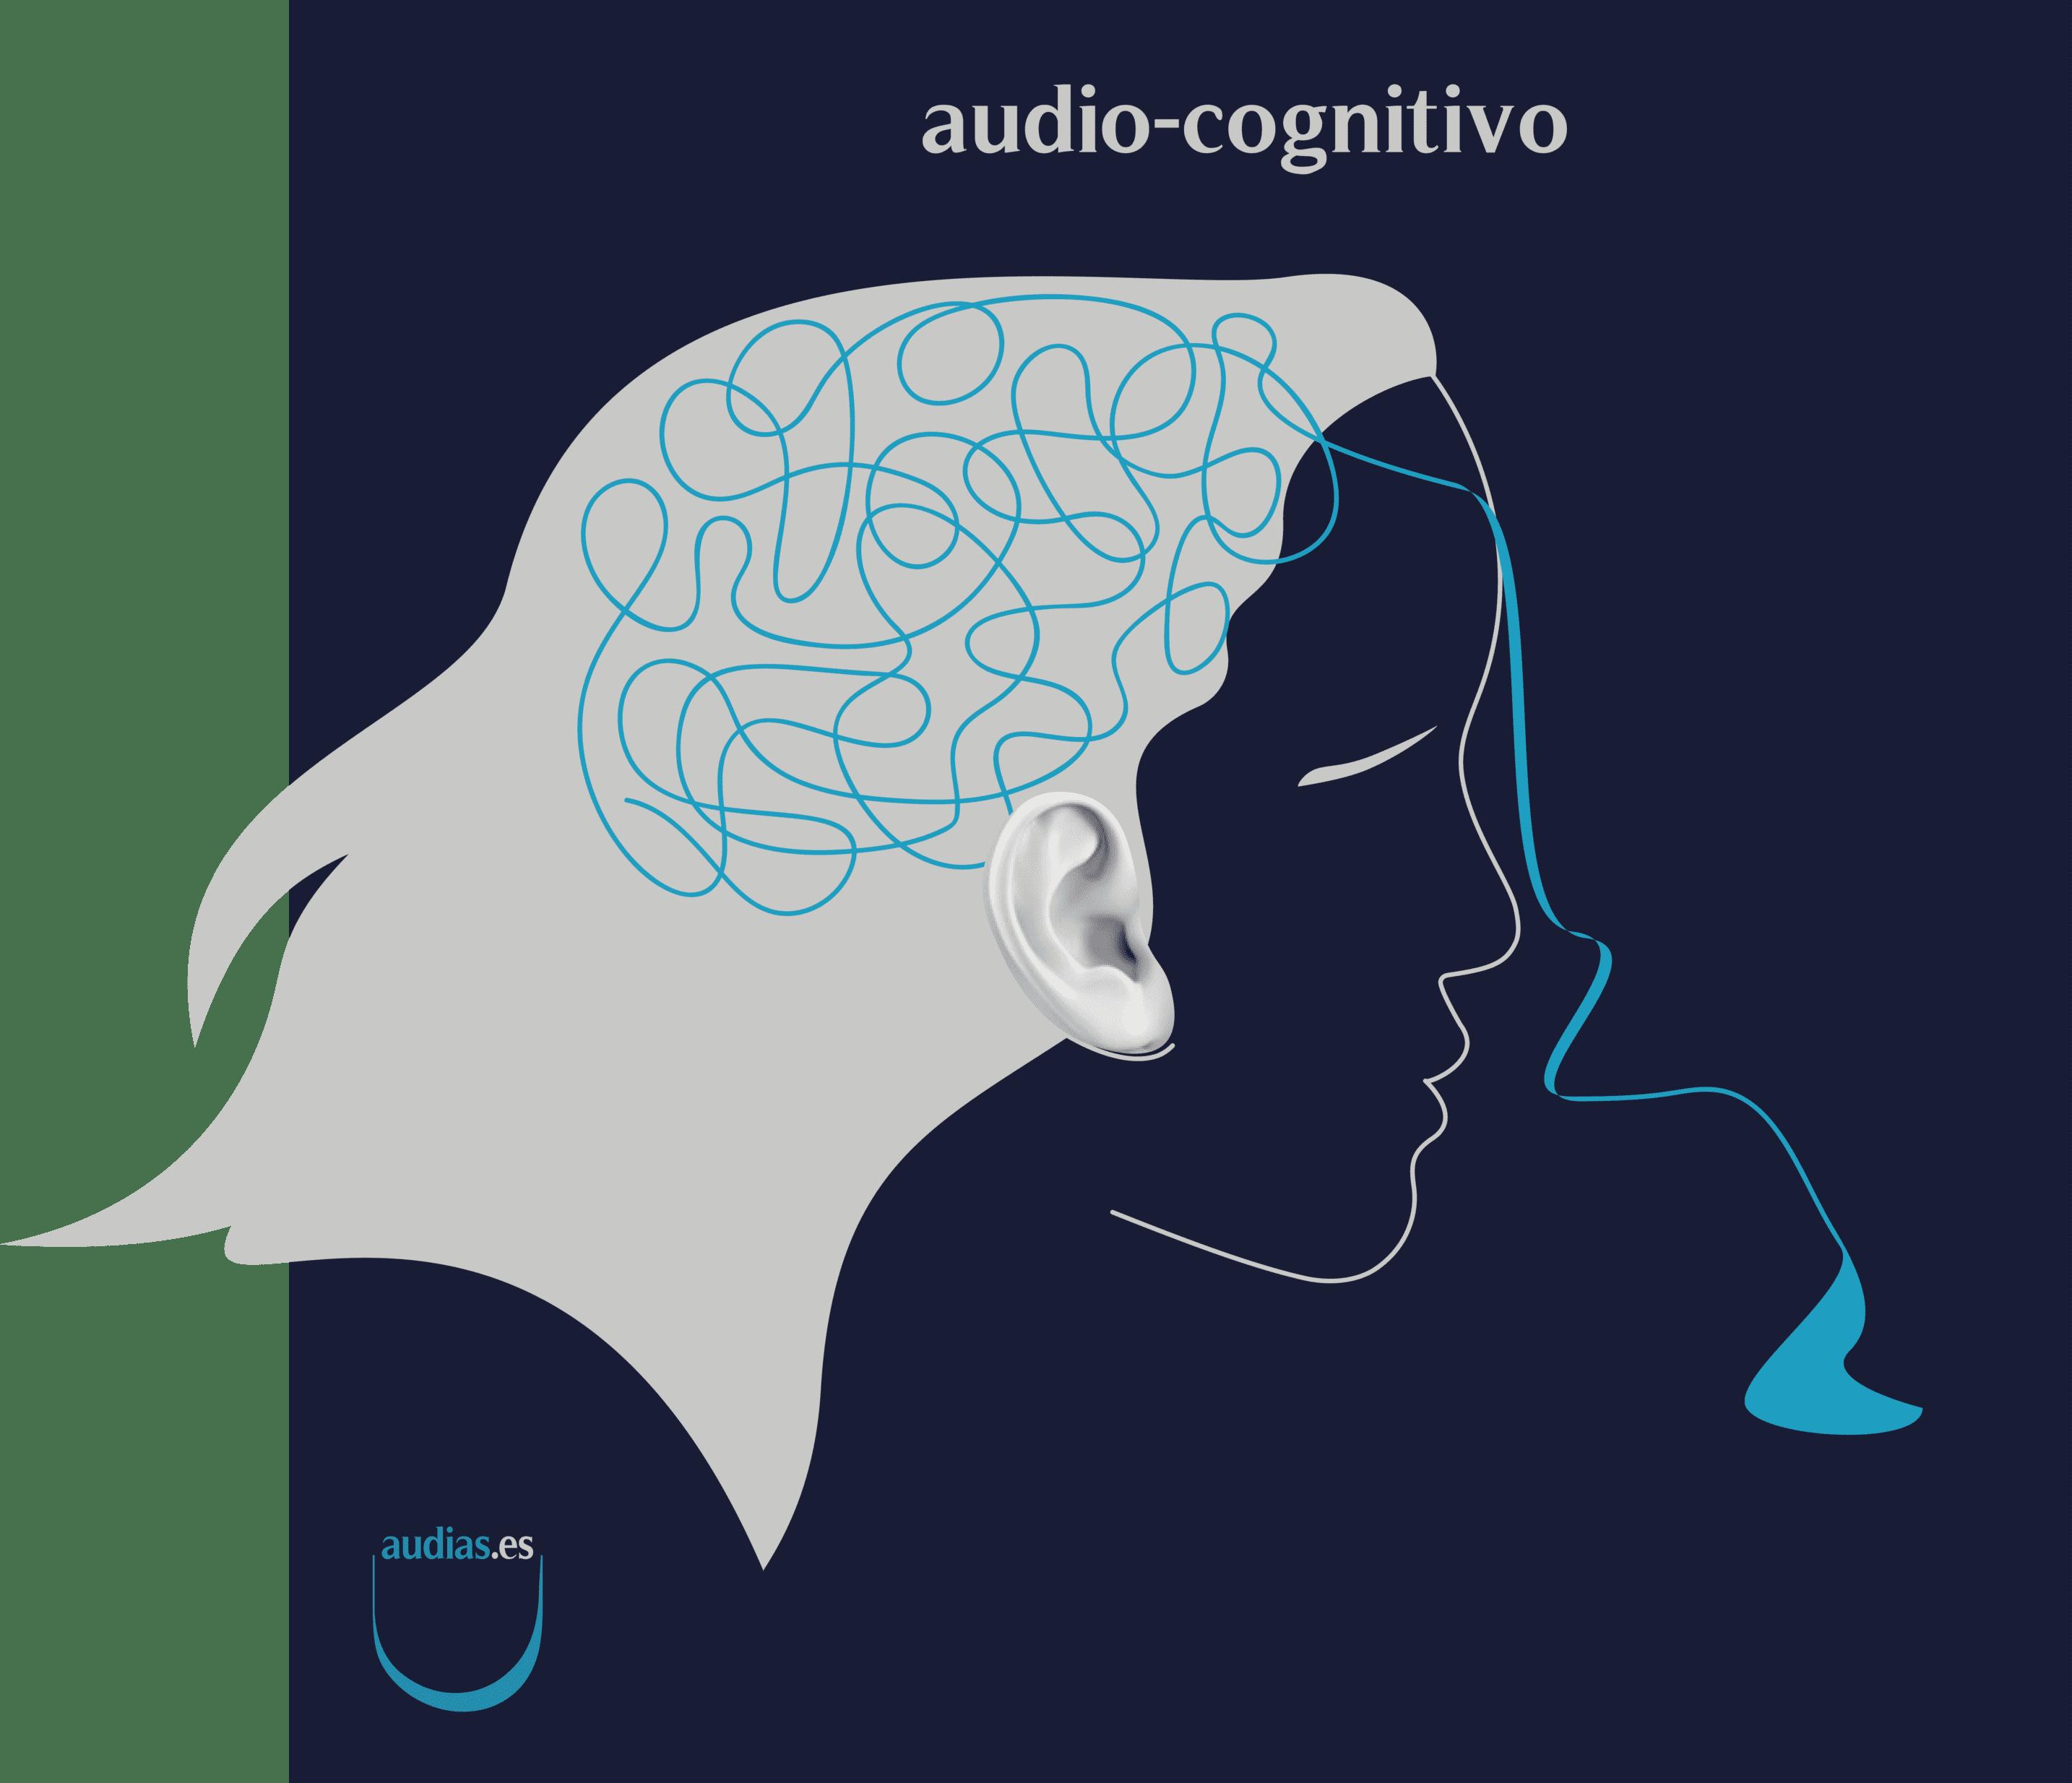 La salud audio cognitiva